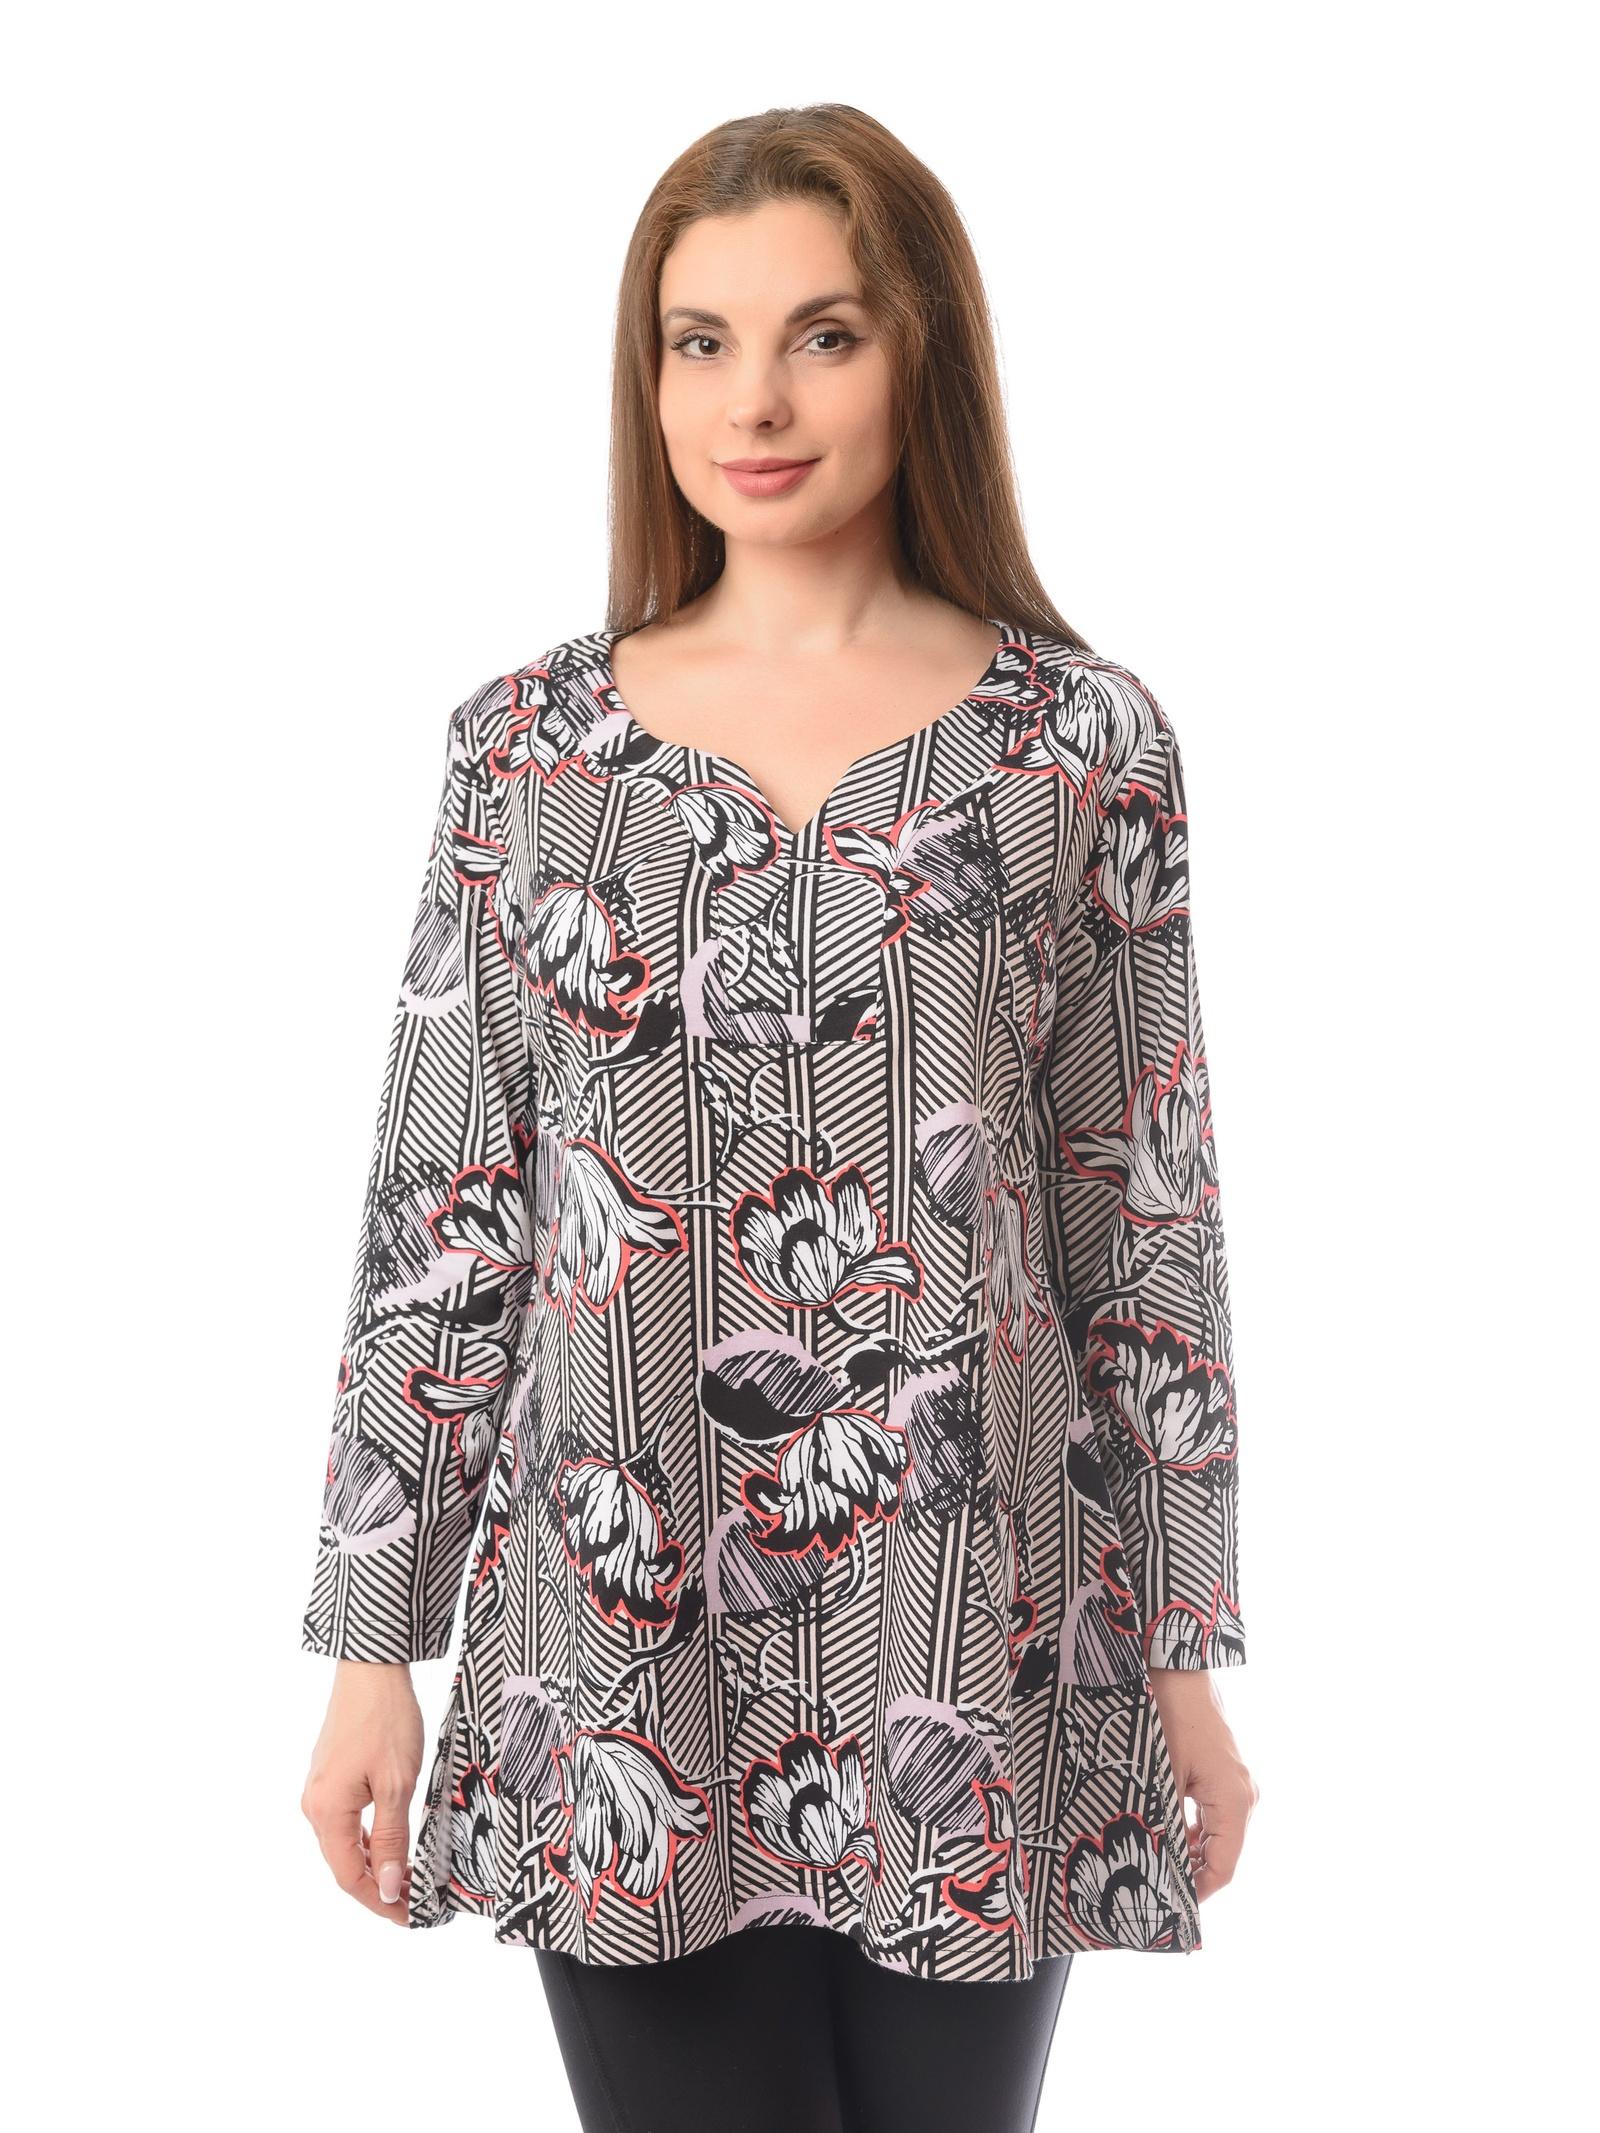 Блузка Алтекс блузка алтекс серый 54 размер